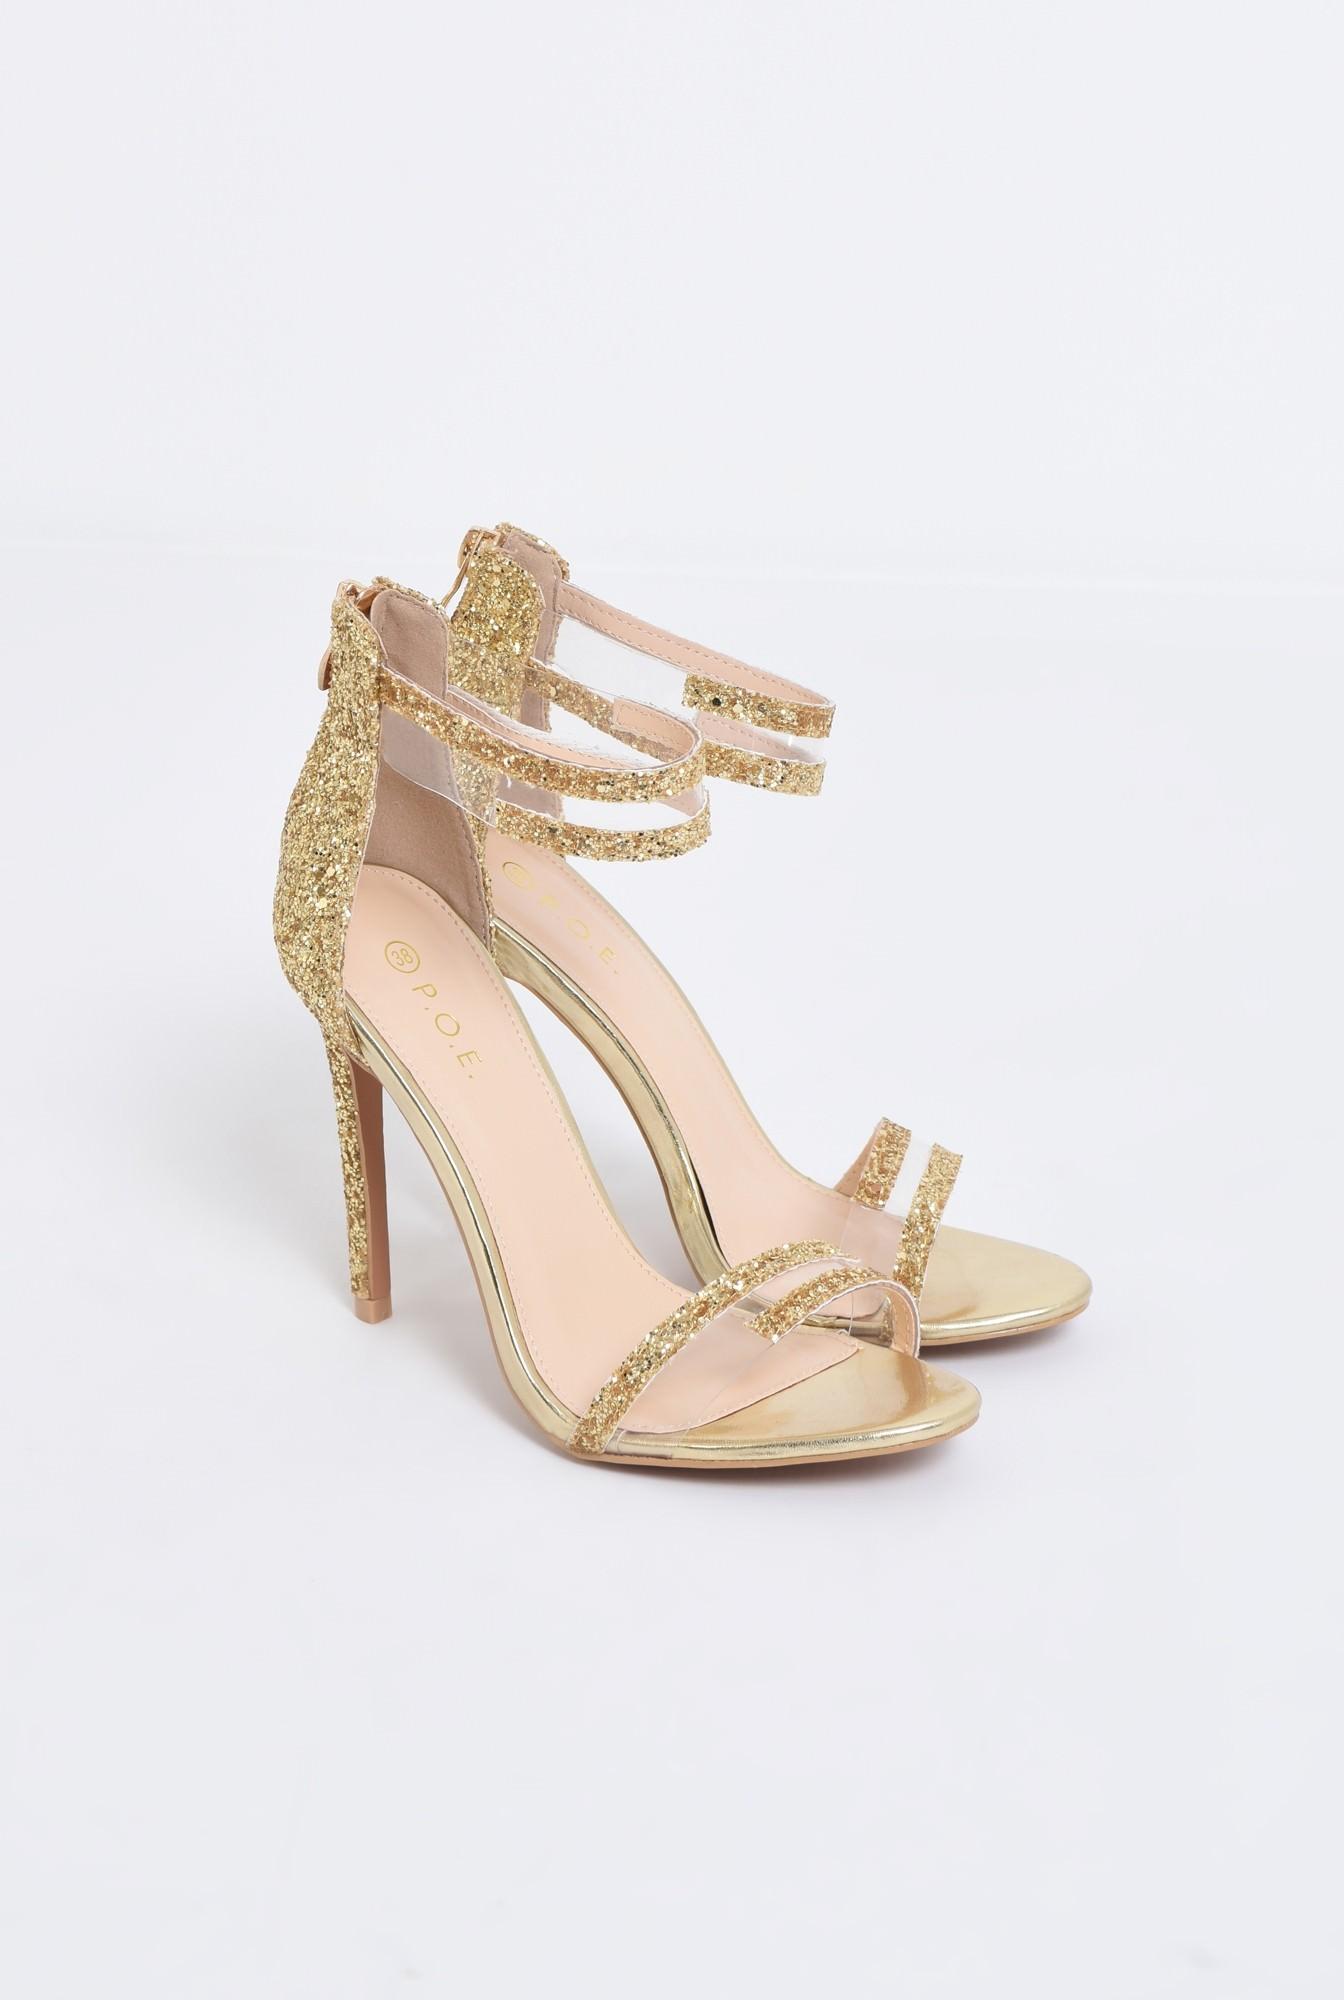 1 - sandale elegante, aurii, cu glitter, toc inalt